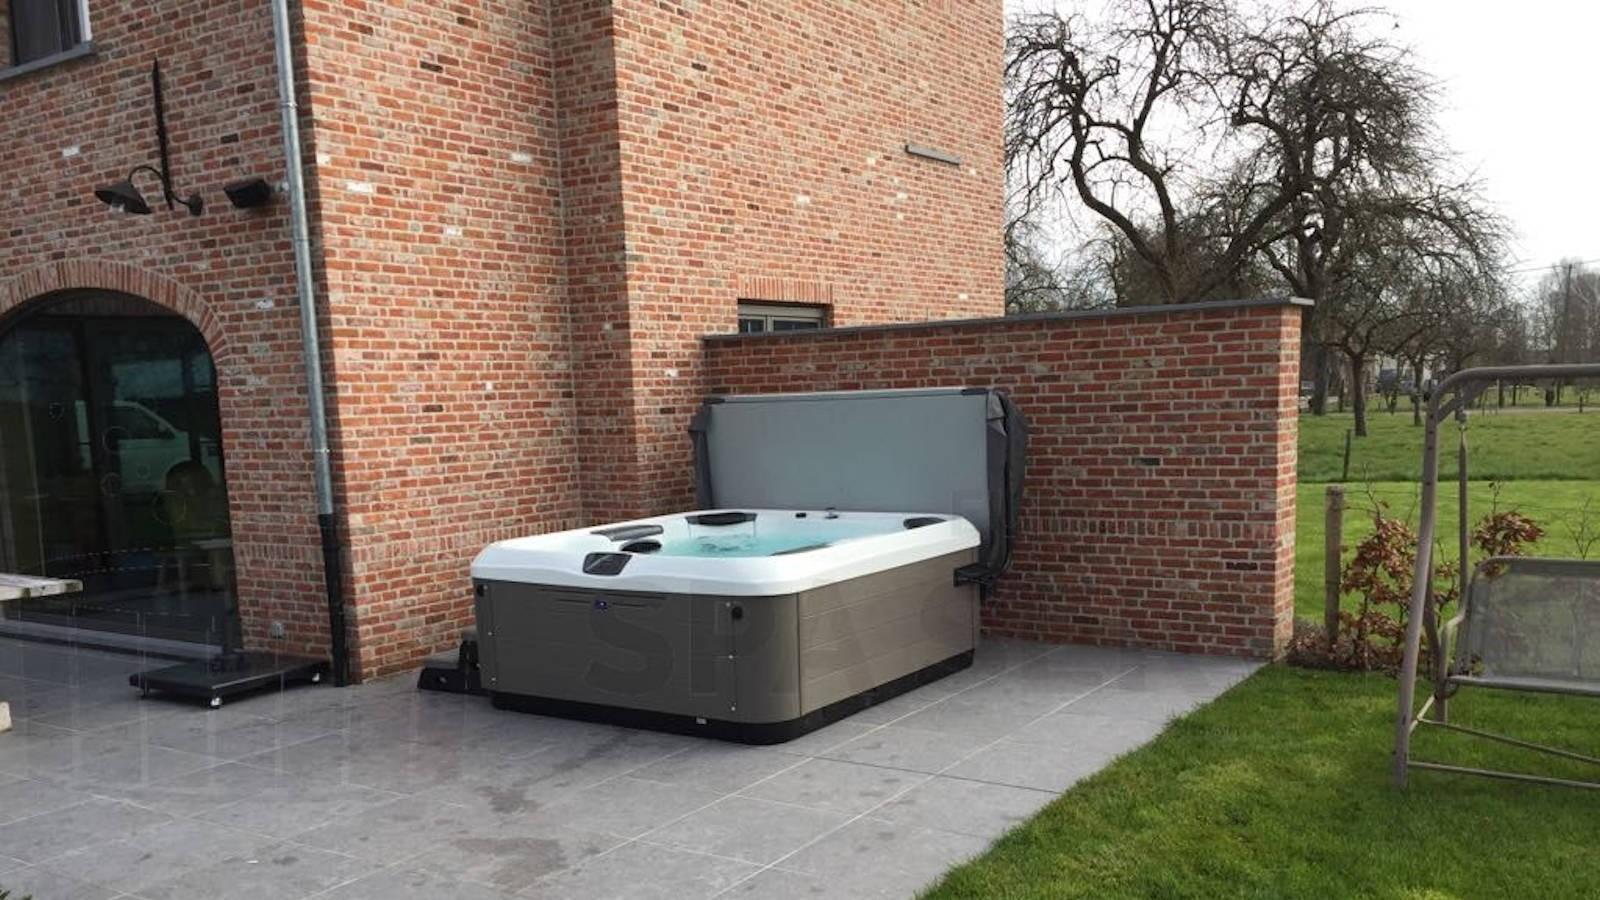 Plaatsing Villeroy & Boch R6LE spa in Waarschoot België